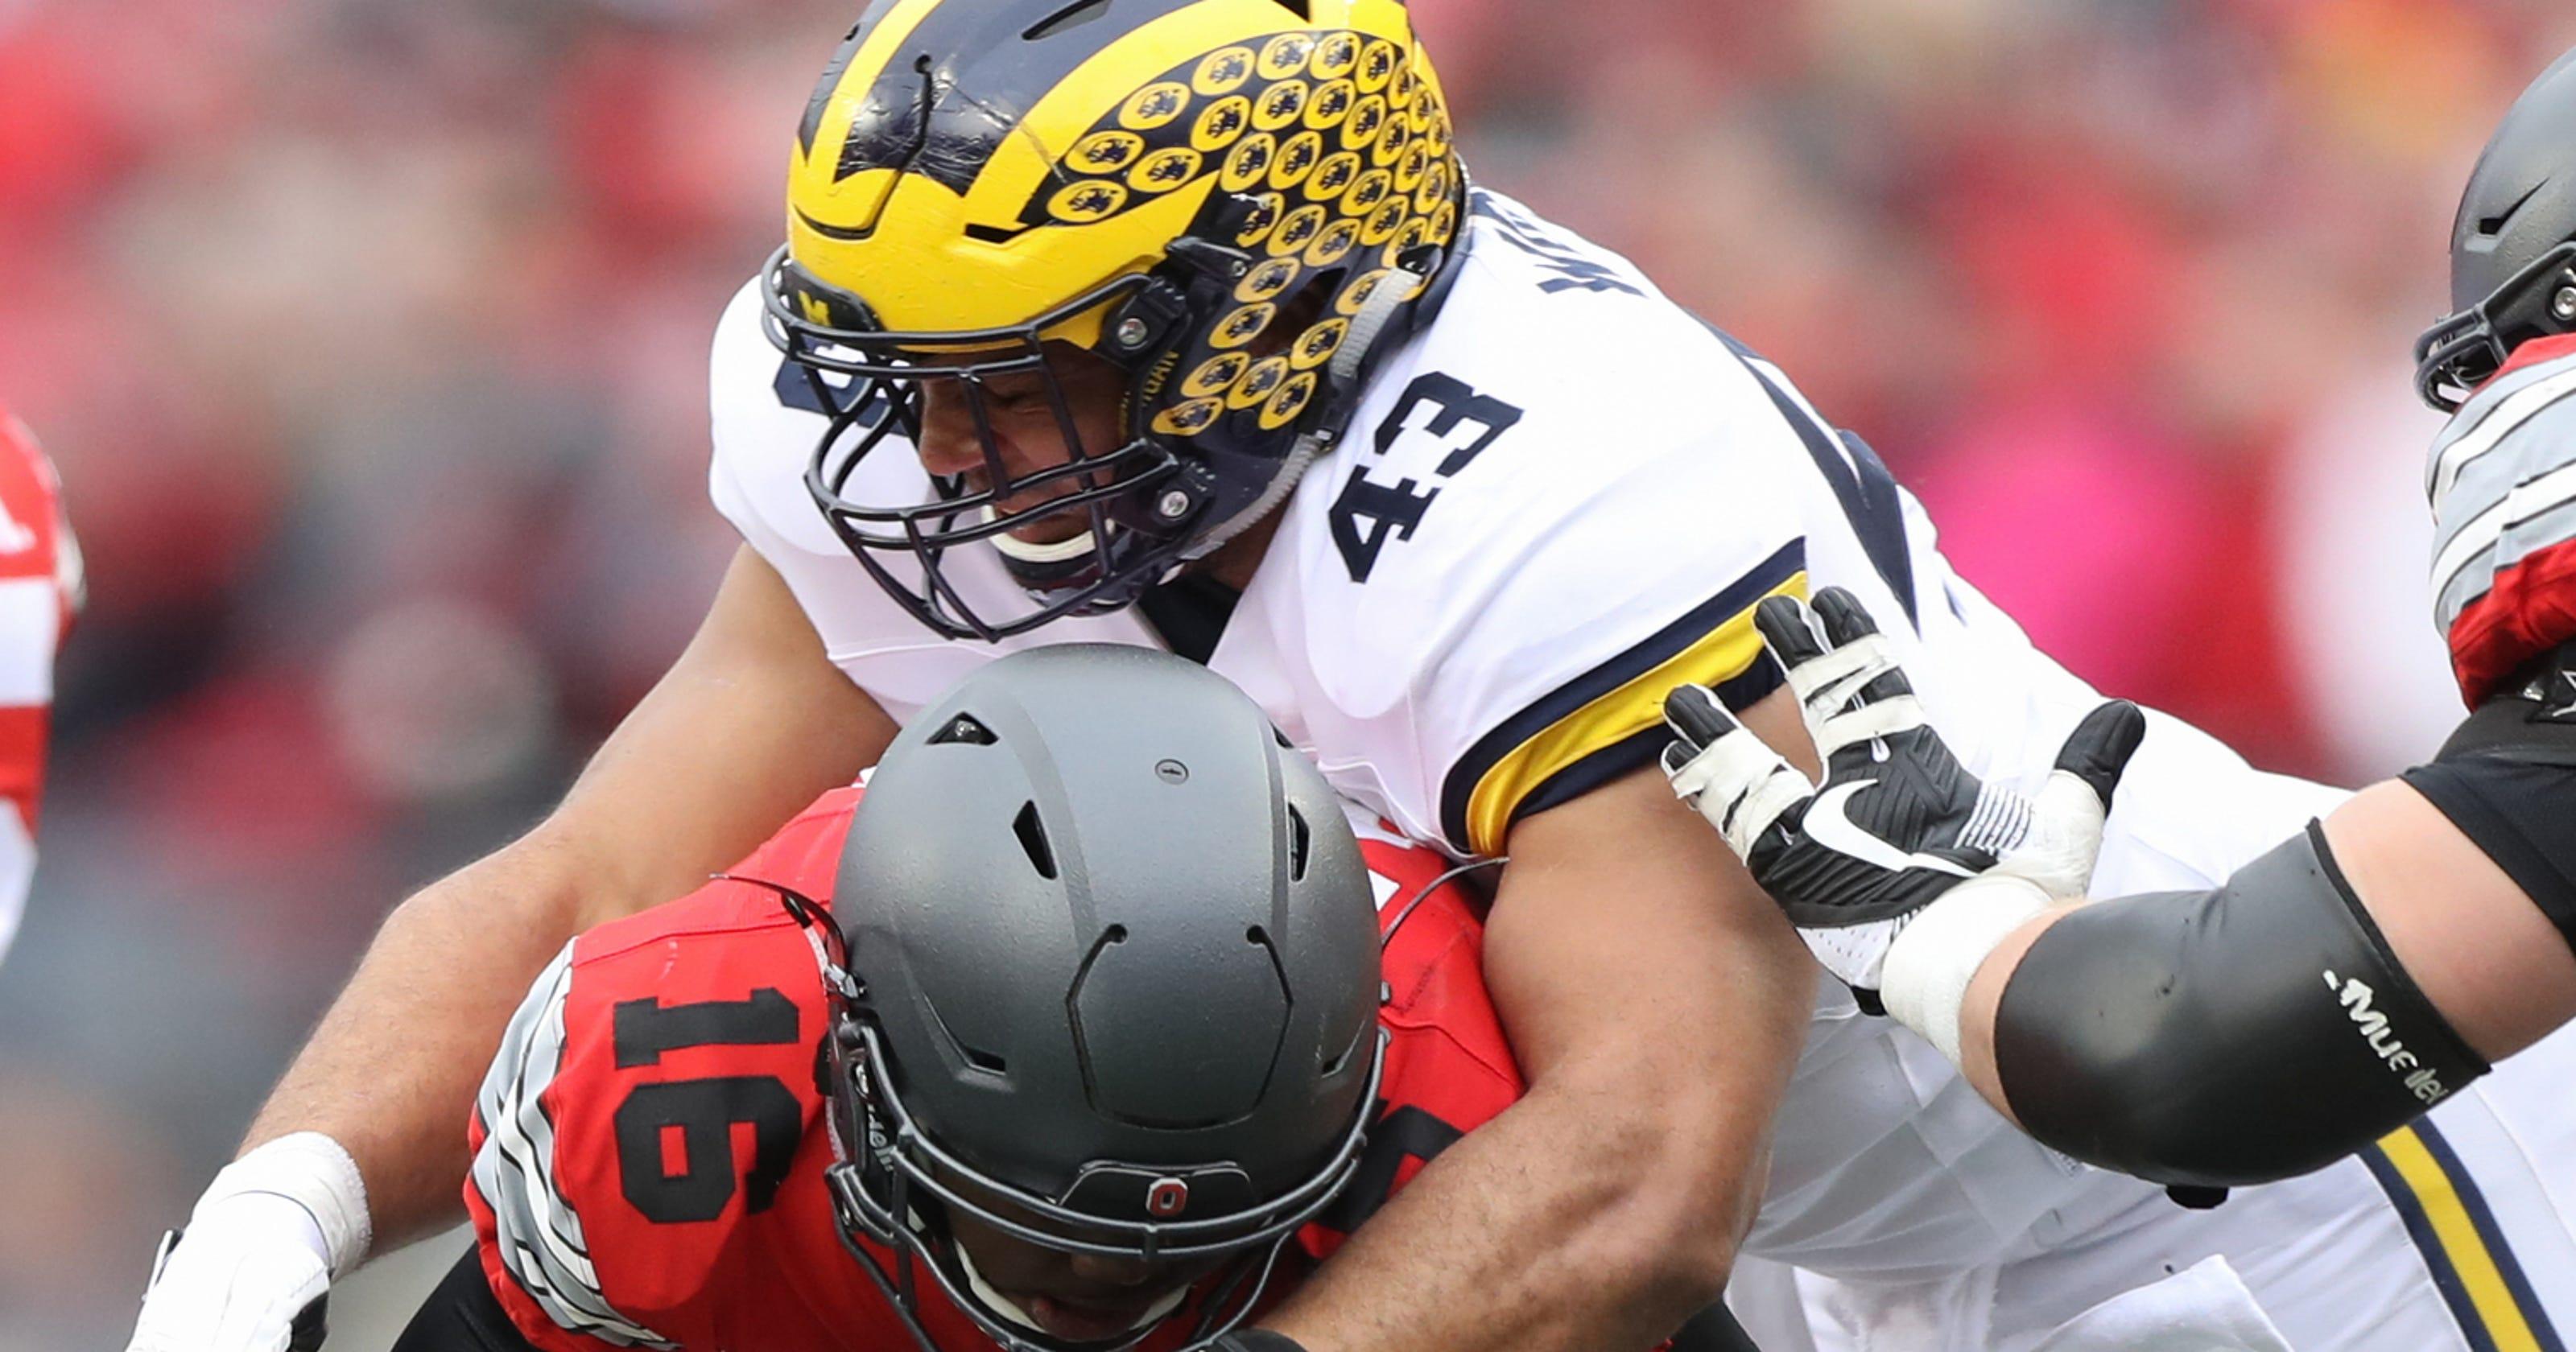 779fd50e6429 Game recap: Michigan loses heartbreaker to Ohio State in 2 OTs